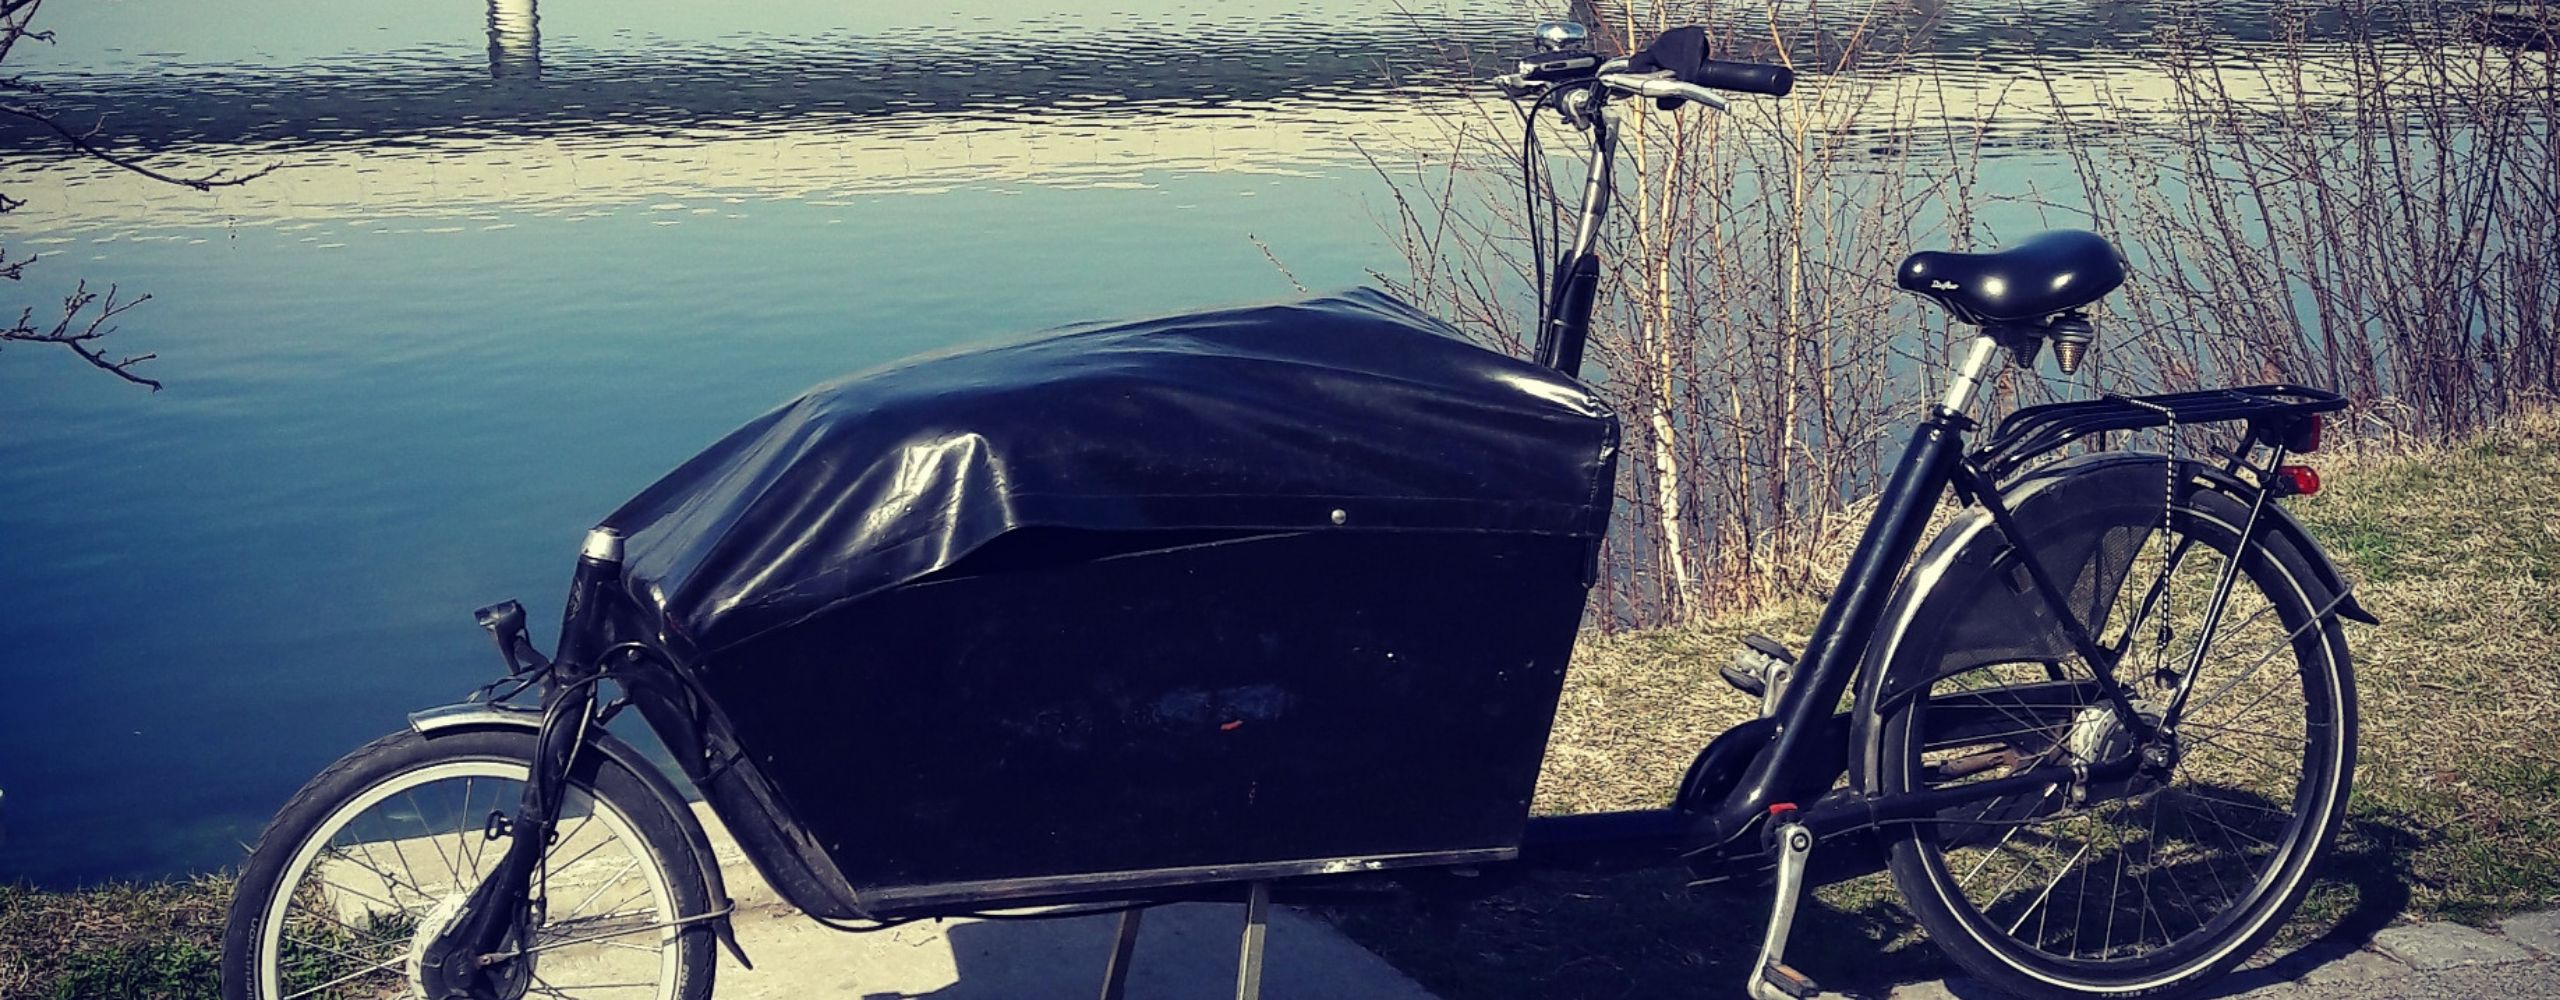 Cosmo-Bike unterwegs